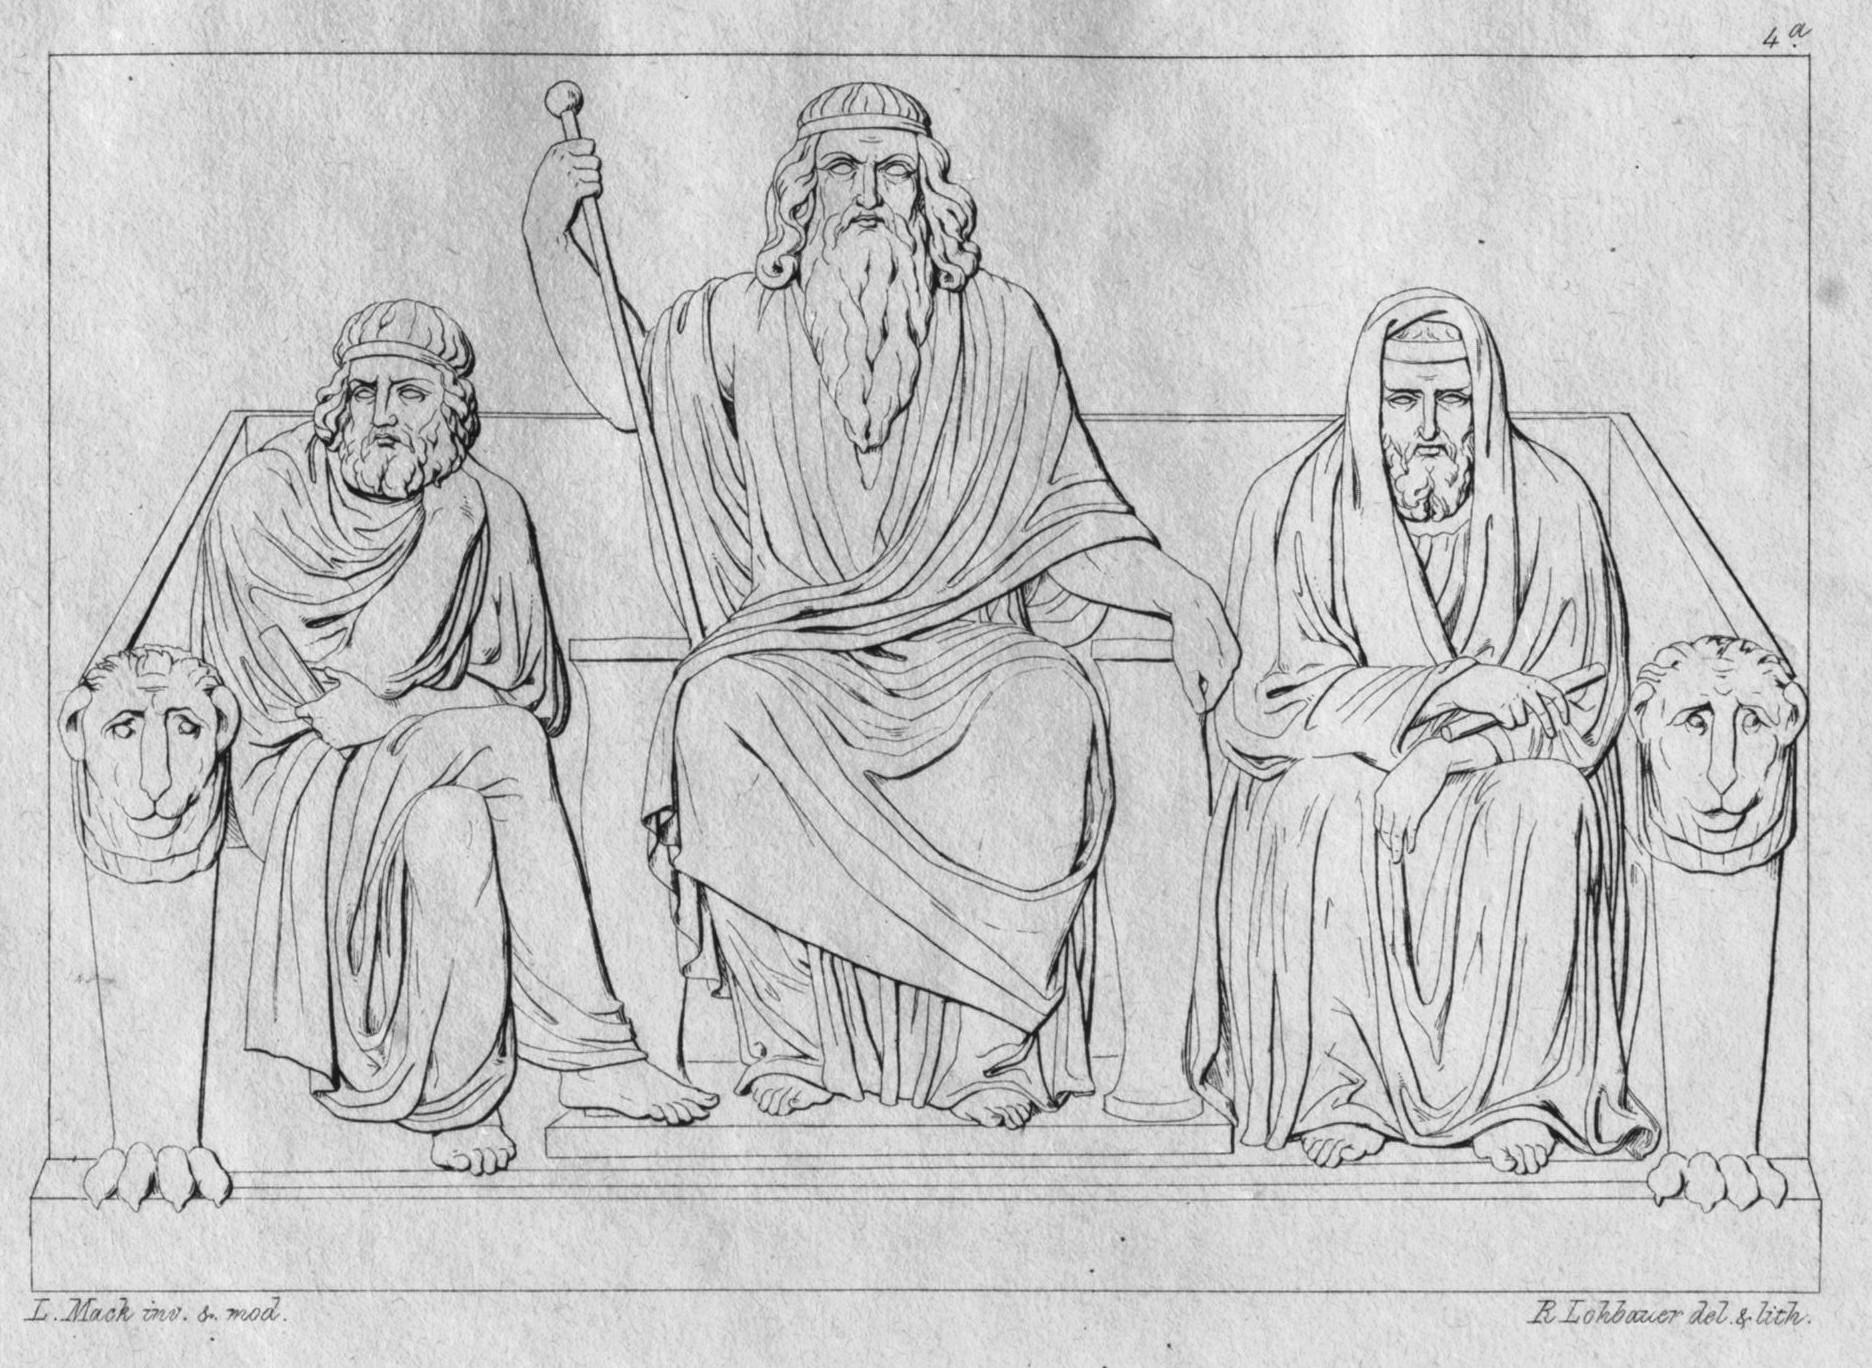 Depiction of Radamantis